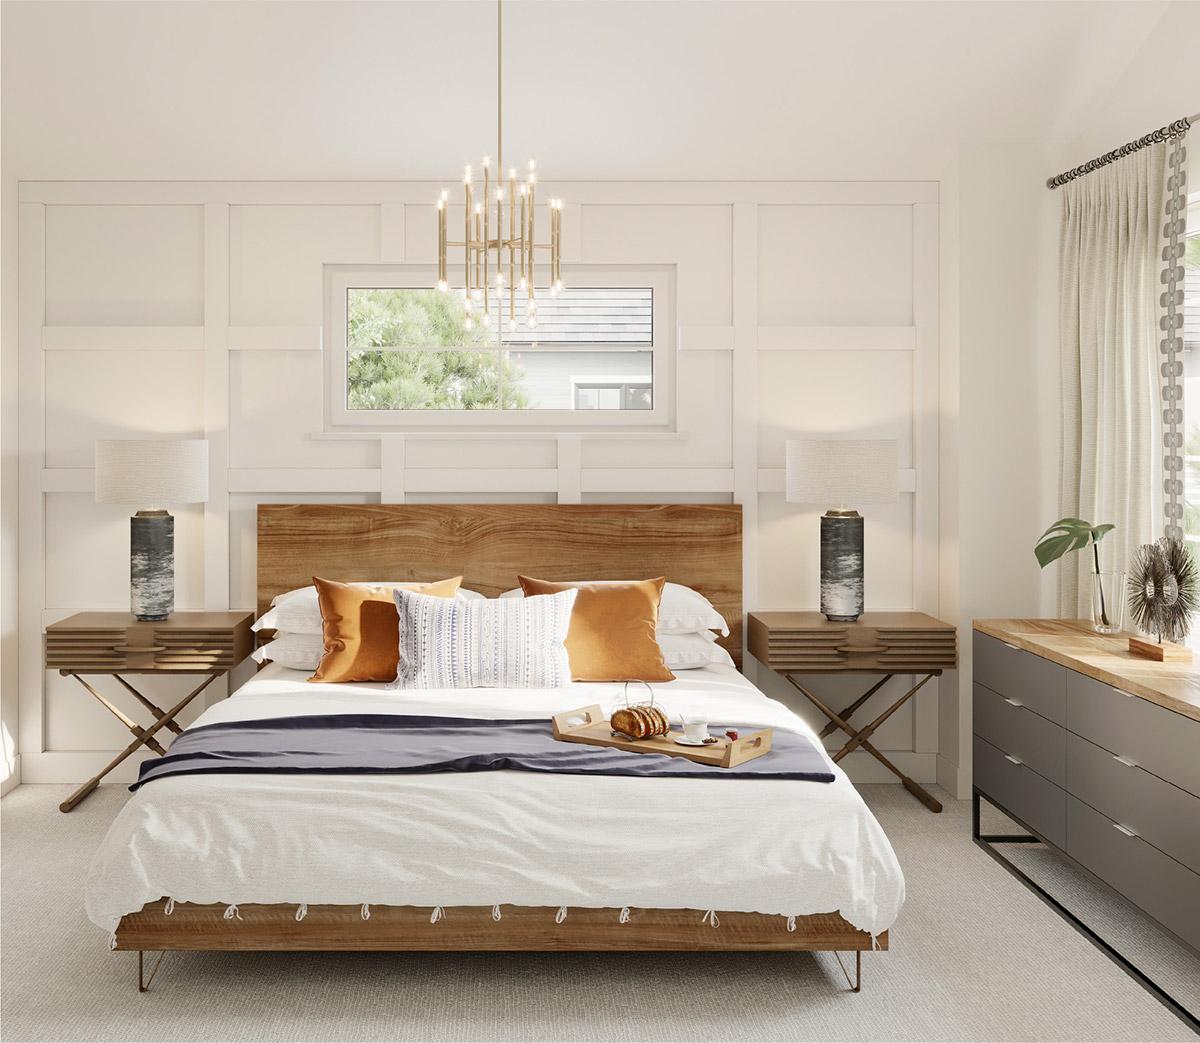 interiors-bedroom_1